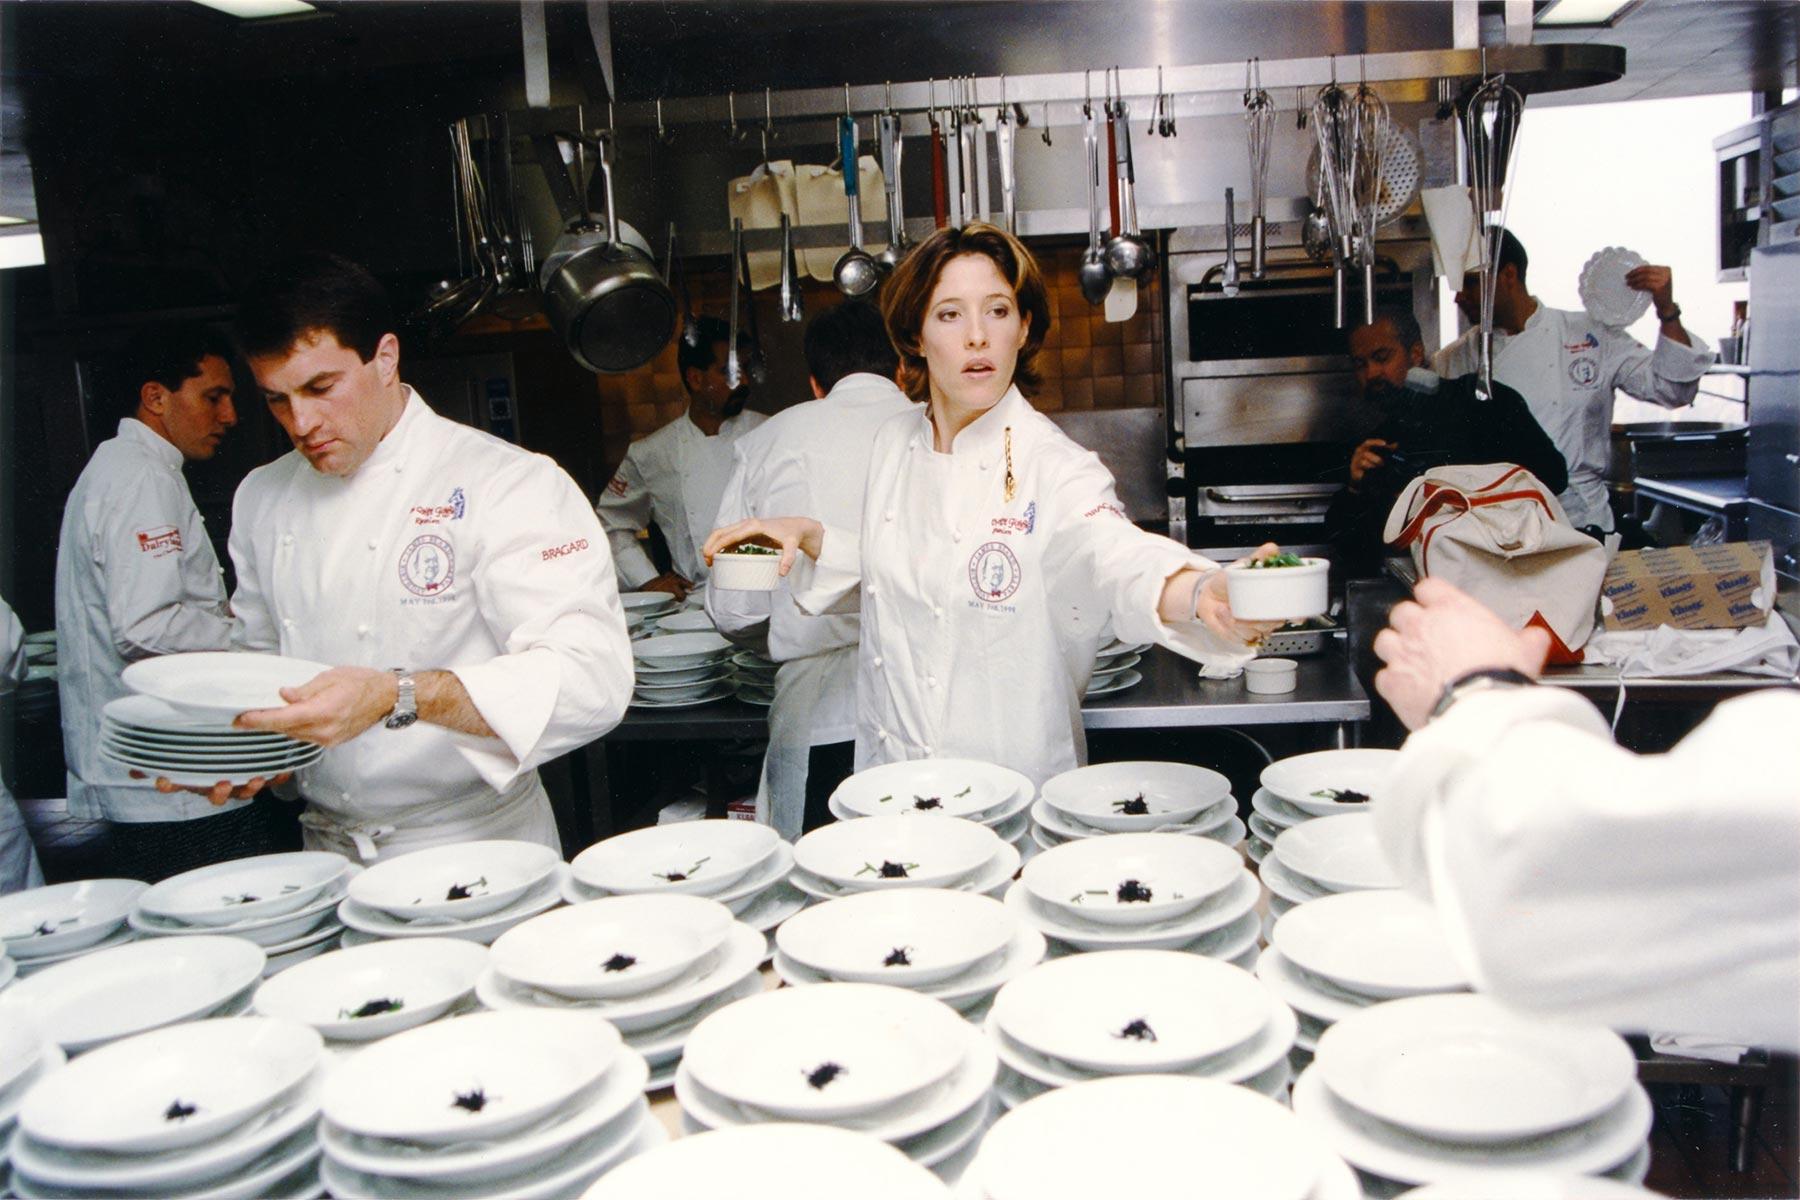 Mary and Sara Catering Company